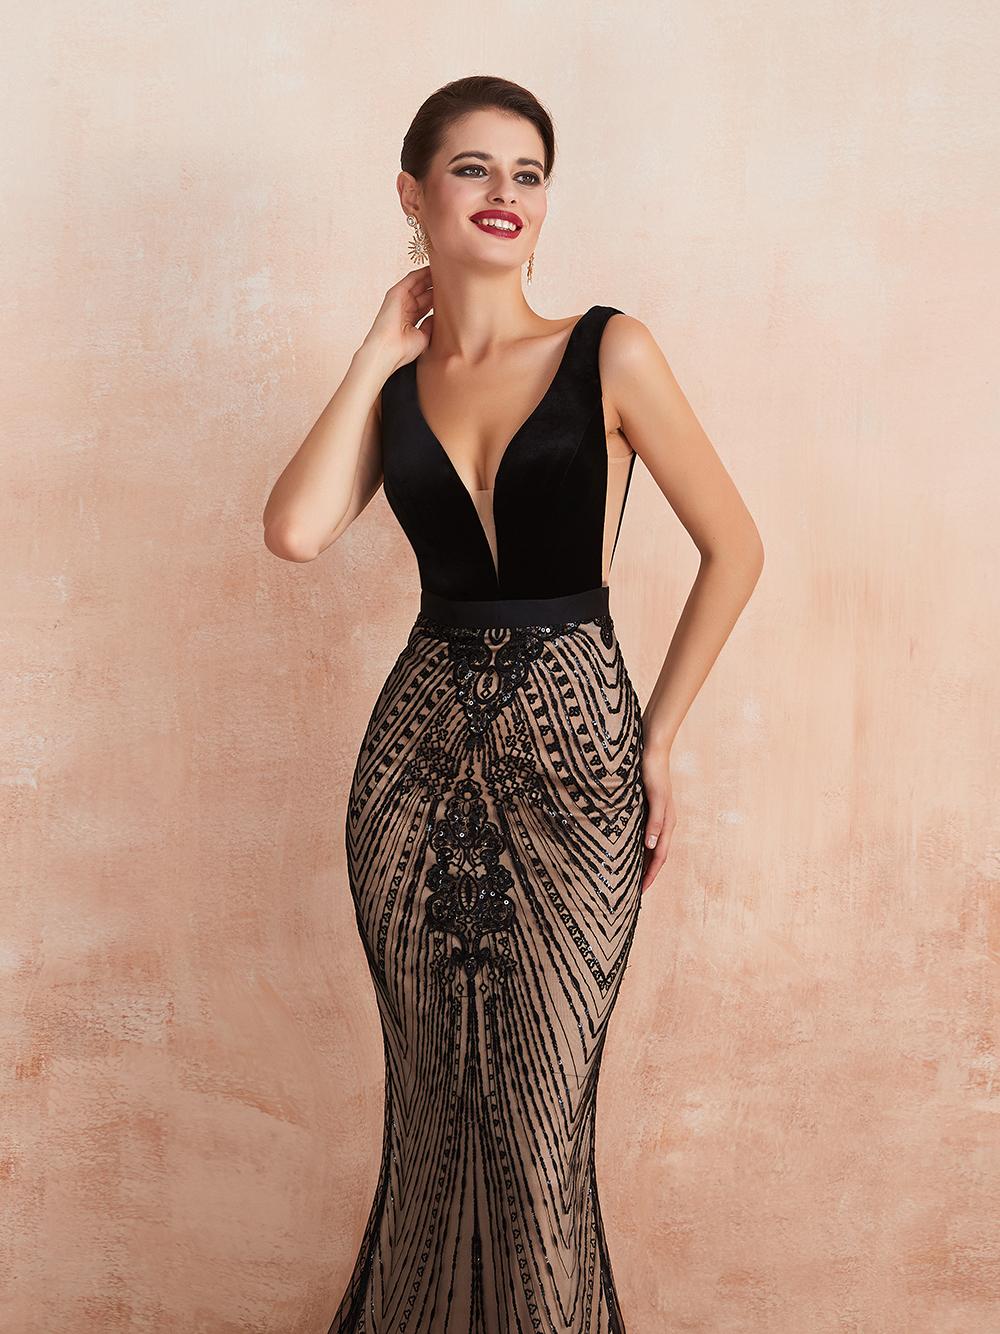 Трапециевидные вечерние торжественные платья, пышное сексуальное платье с открытыми плечами, на шнуровке, с аппликацией Роскошные блестками Новое поступление 2021 Длинные вечерние платья